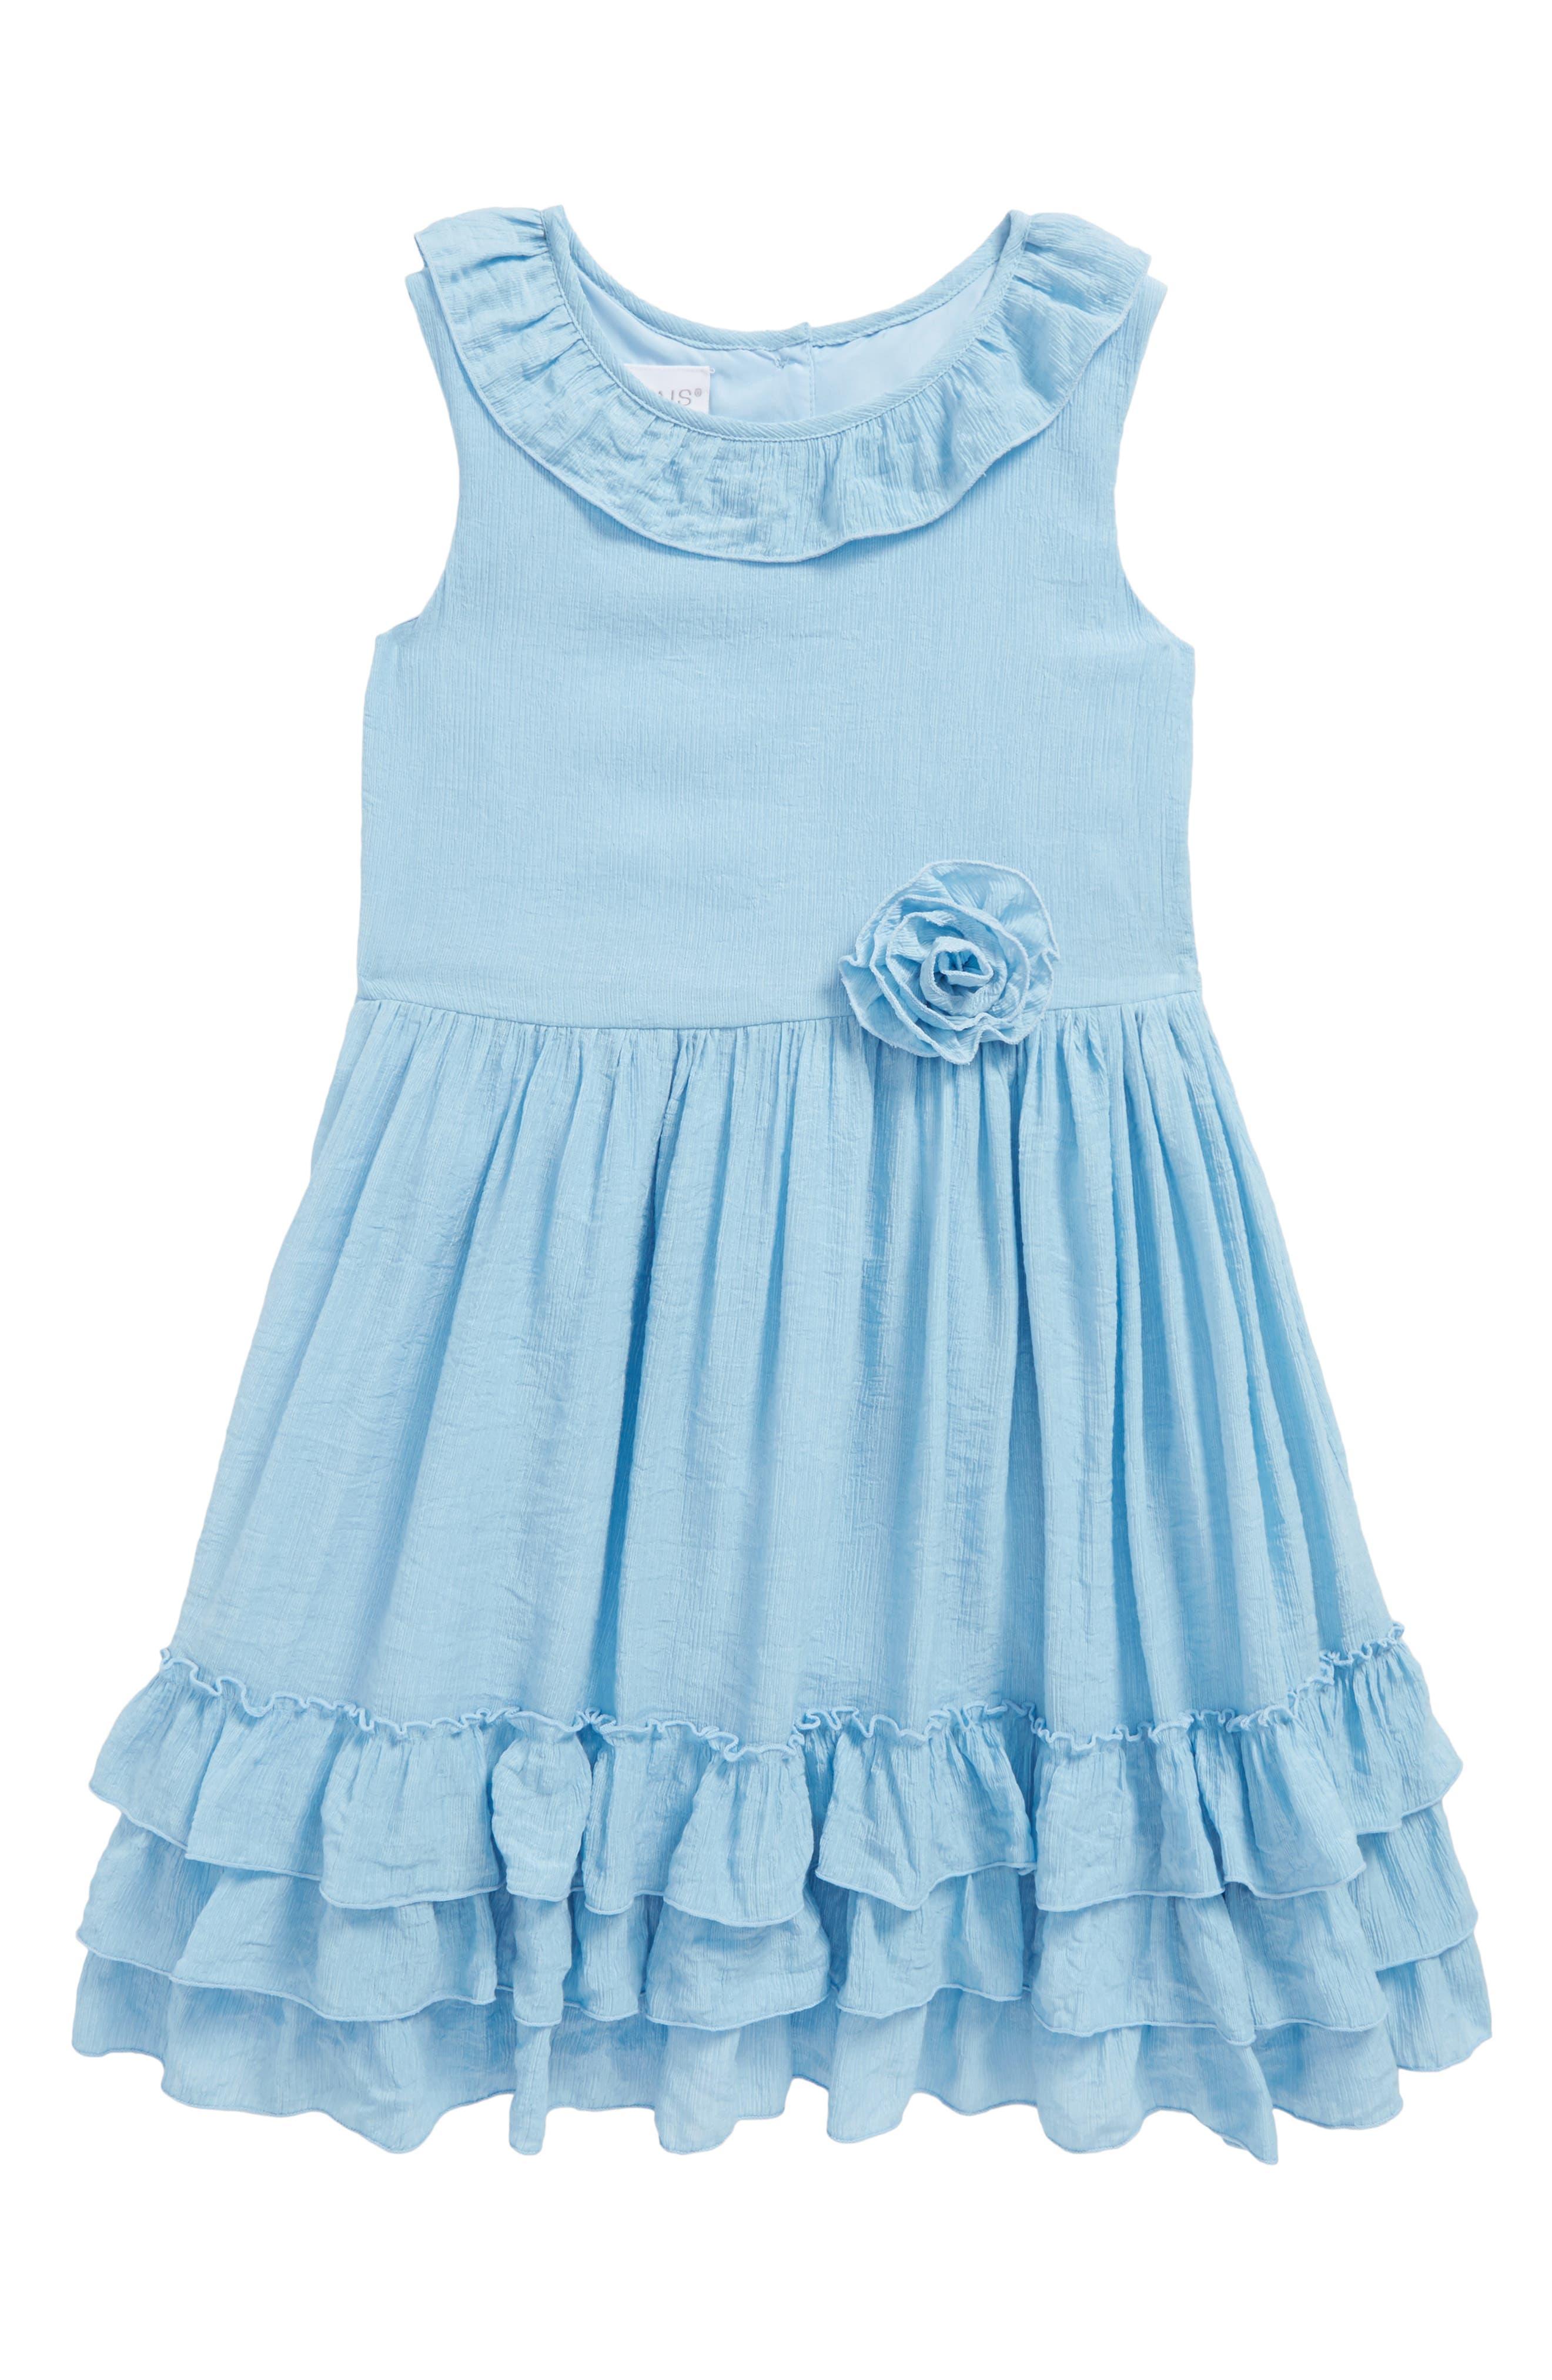 Main Image - Frais Ruffle Dress (Toddler Girls, Little Girls & Big Girls)